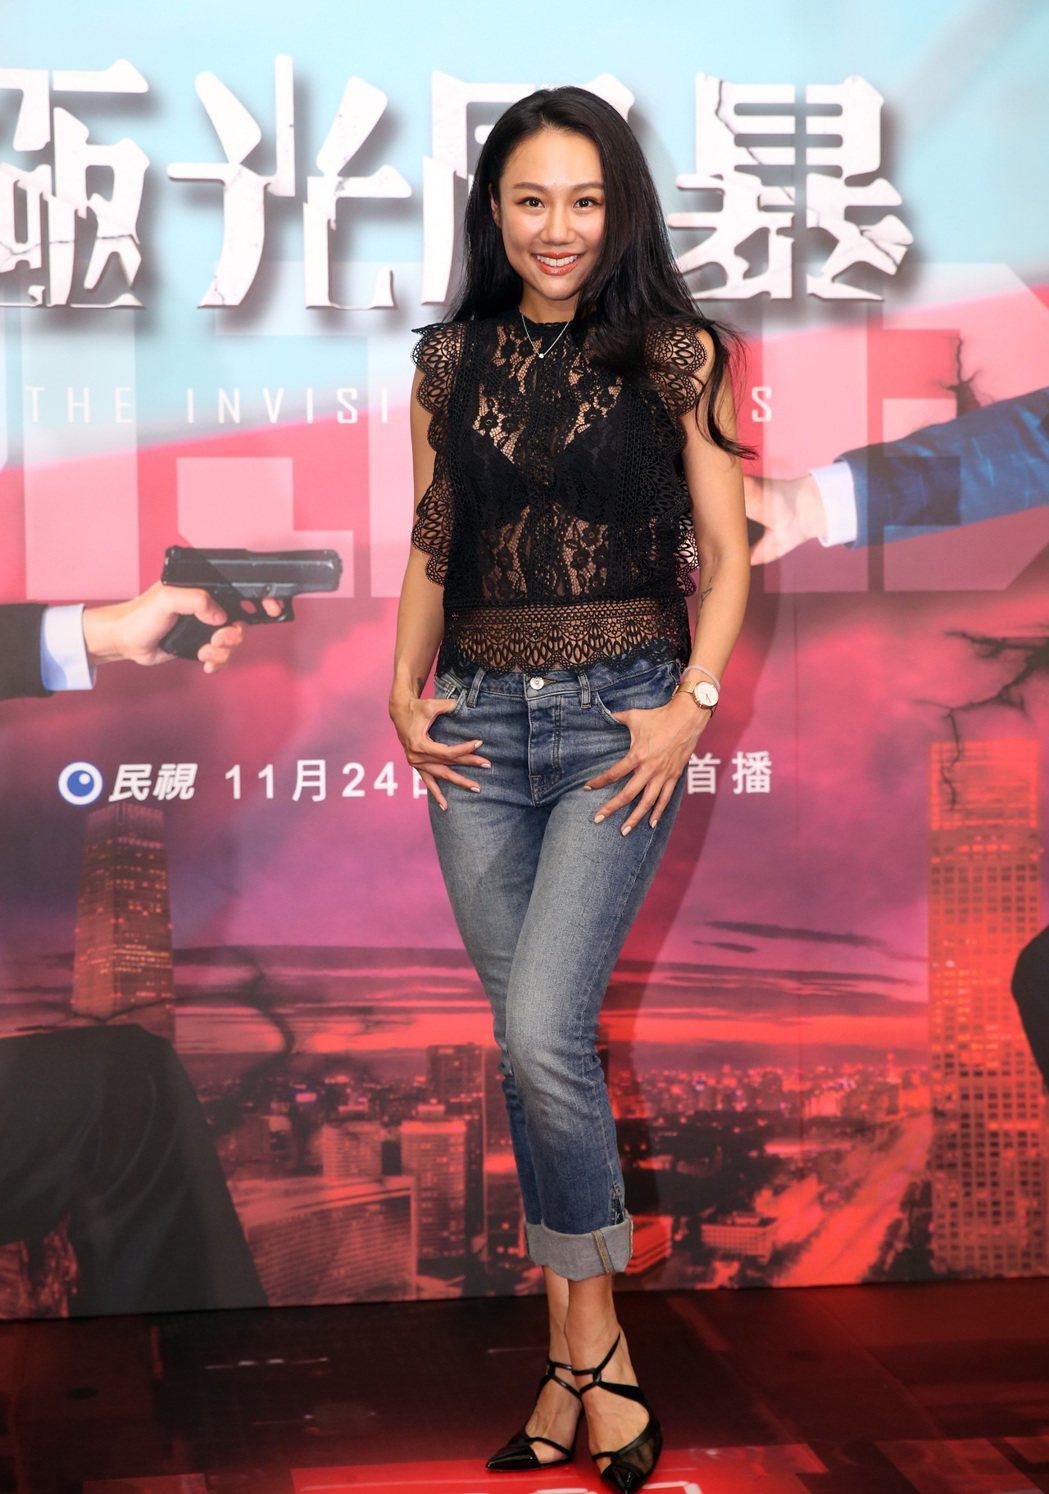 民視電視電影「極光風暴」首映記者會,王茉聿出席。記者曾吉松/攝影